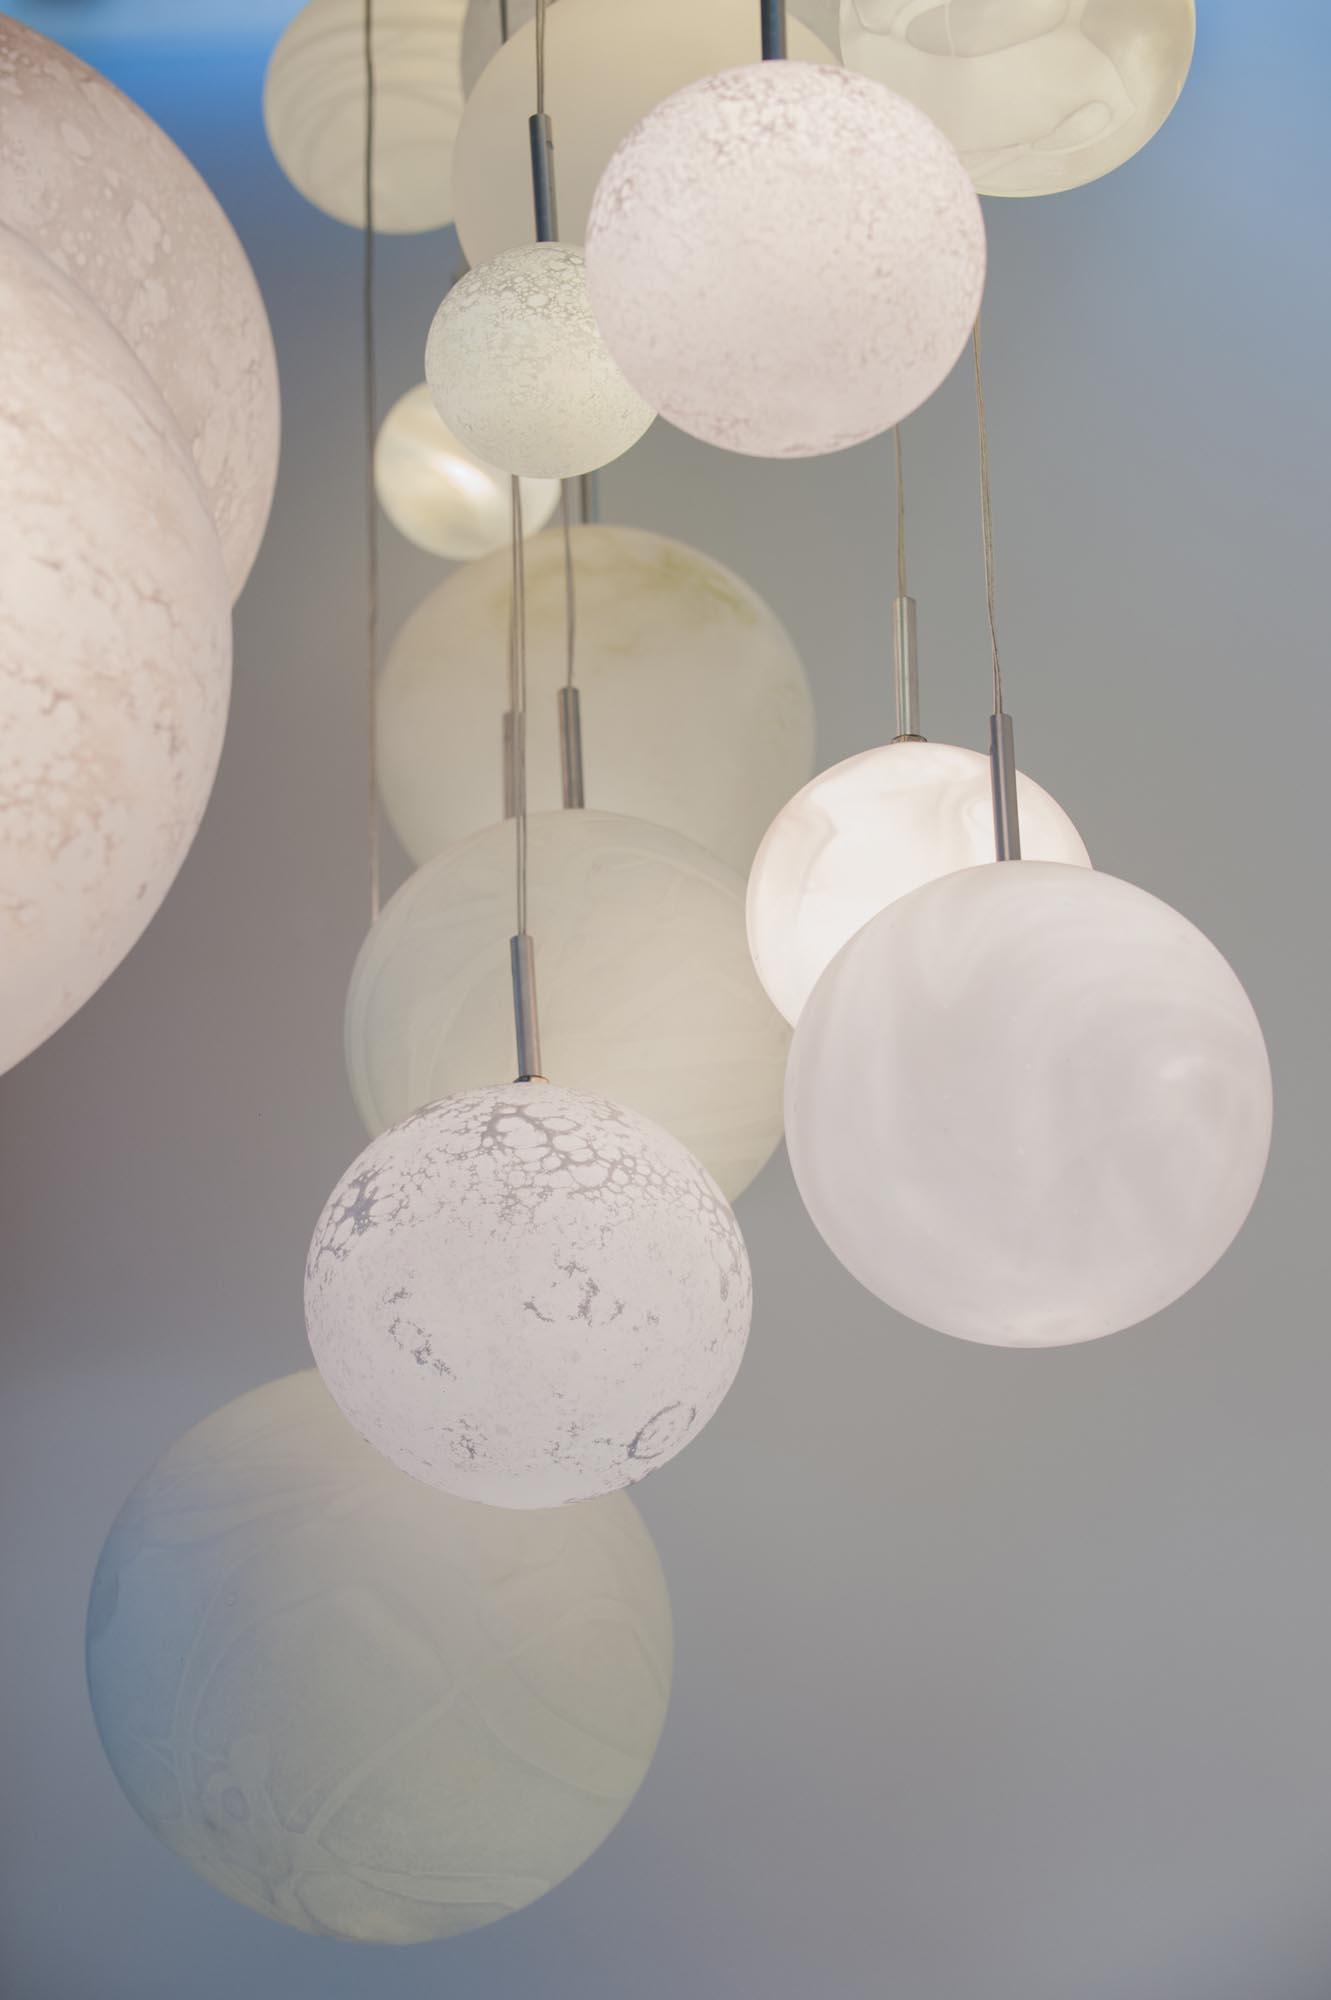 Planètes hanging lights, diam. 8 à 25cm